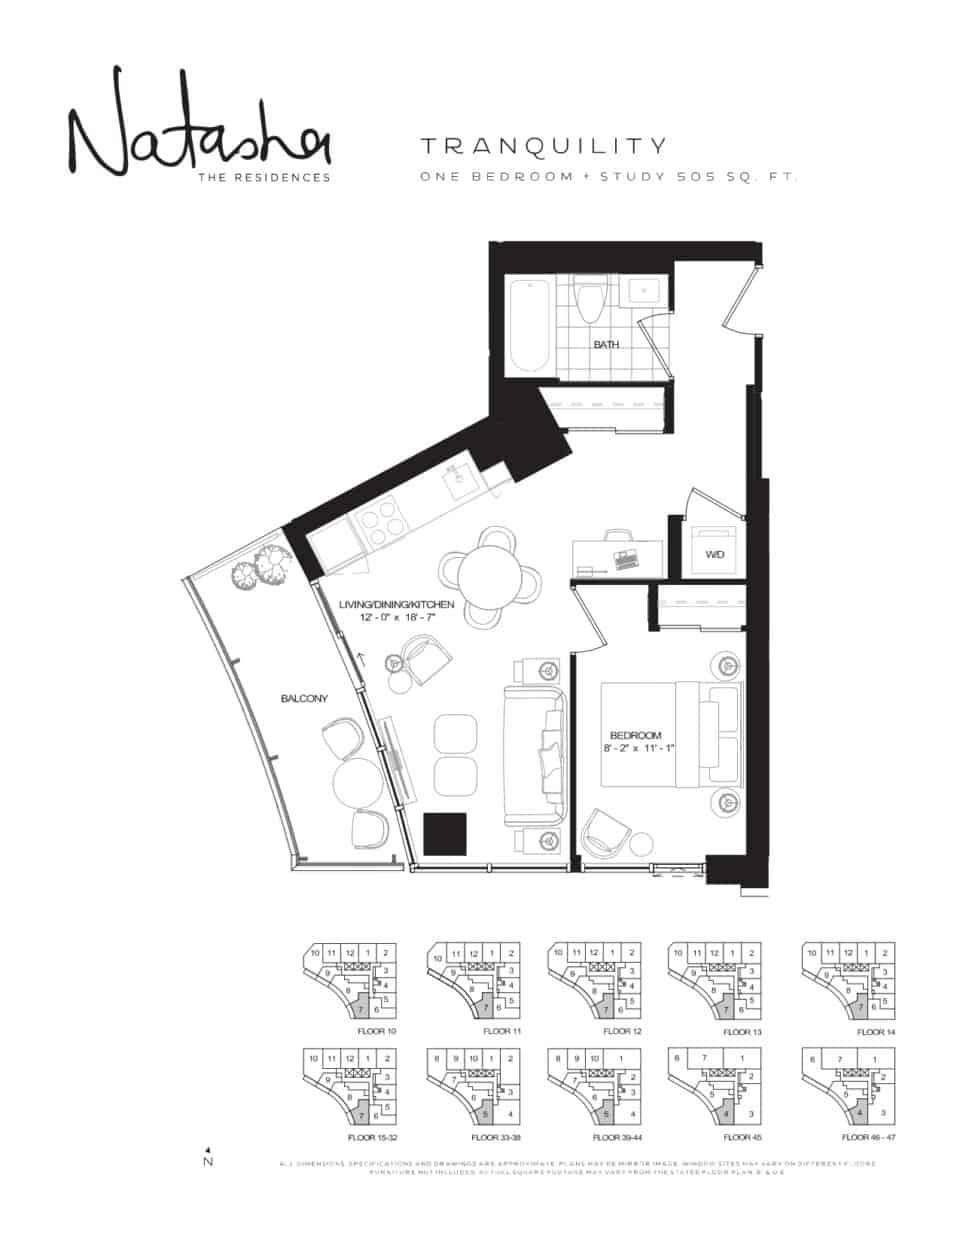 2021 09 02 11 03 27 natashatheresidences lanterradevelopments floorplans tranquility